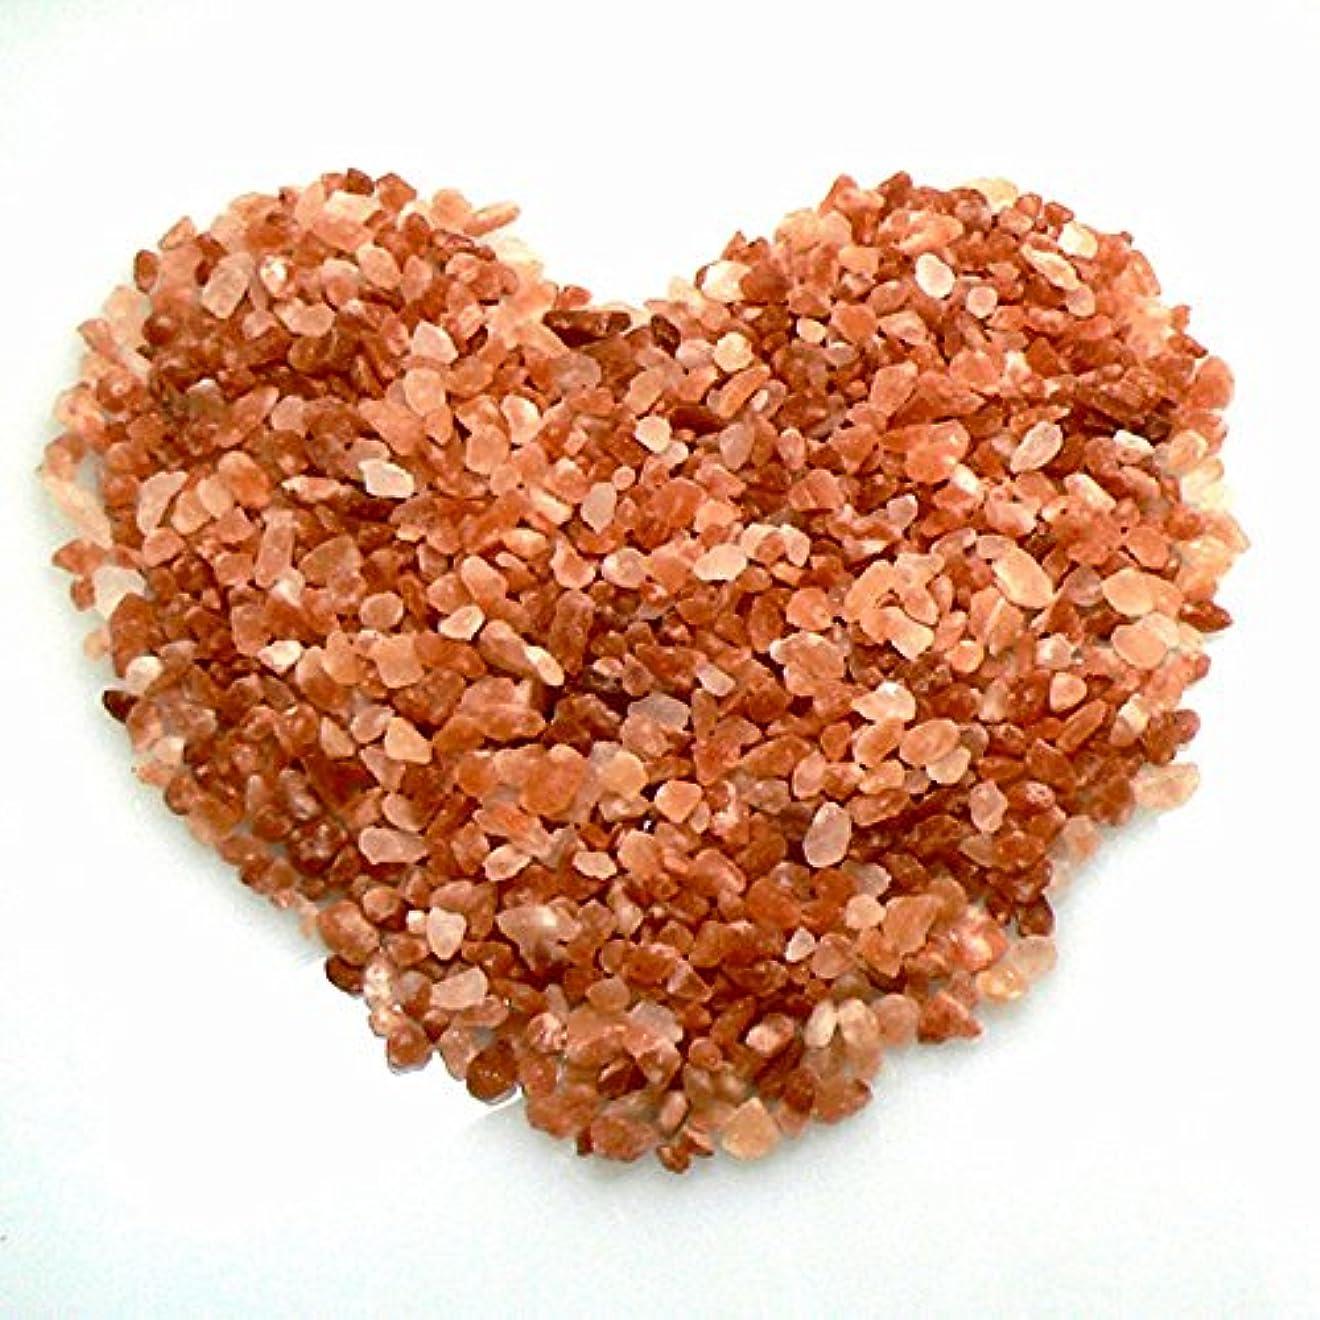 スペースリットルモンクヒマラヤ岩塩 ピンクソルト 入浴用 バスソルト(小粒)3kg ピンク岩塩